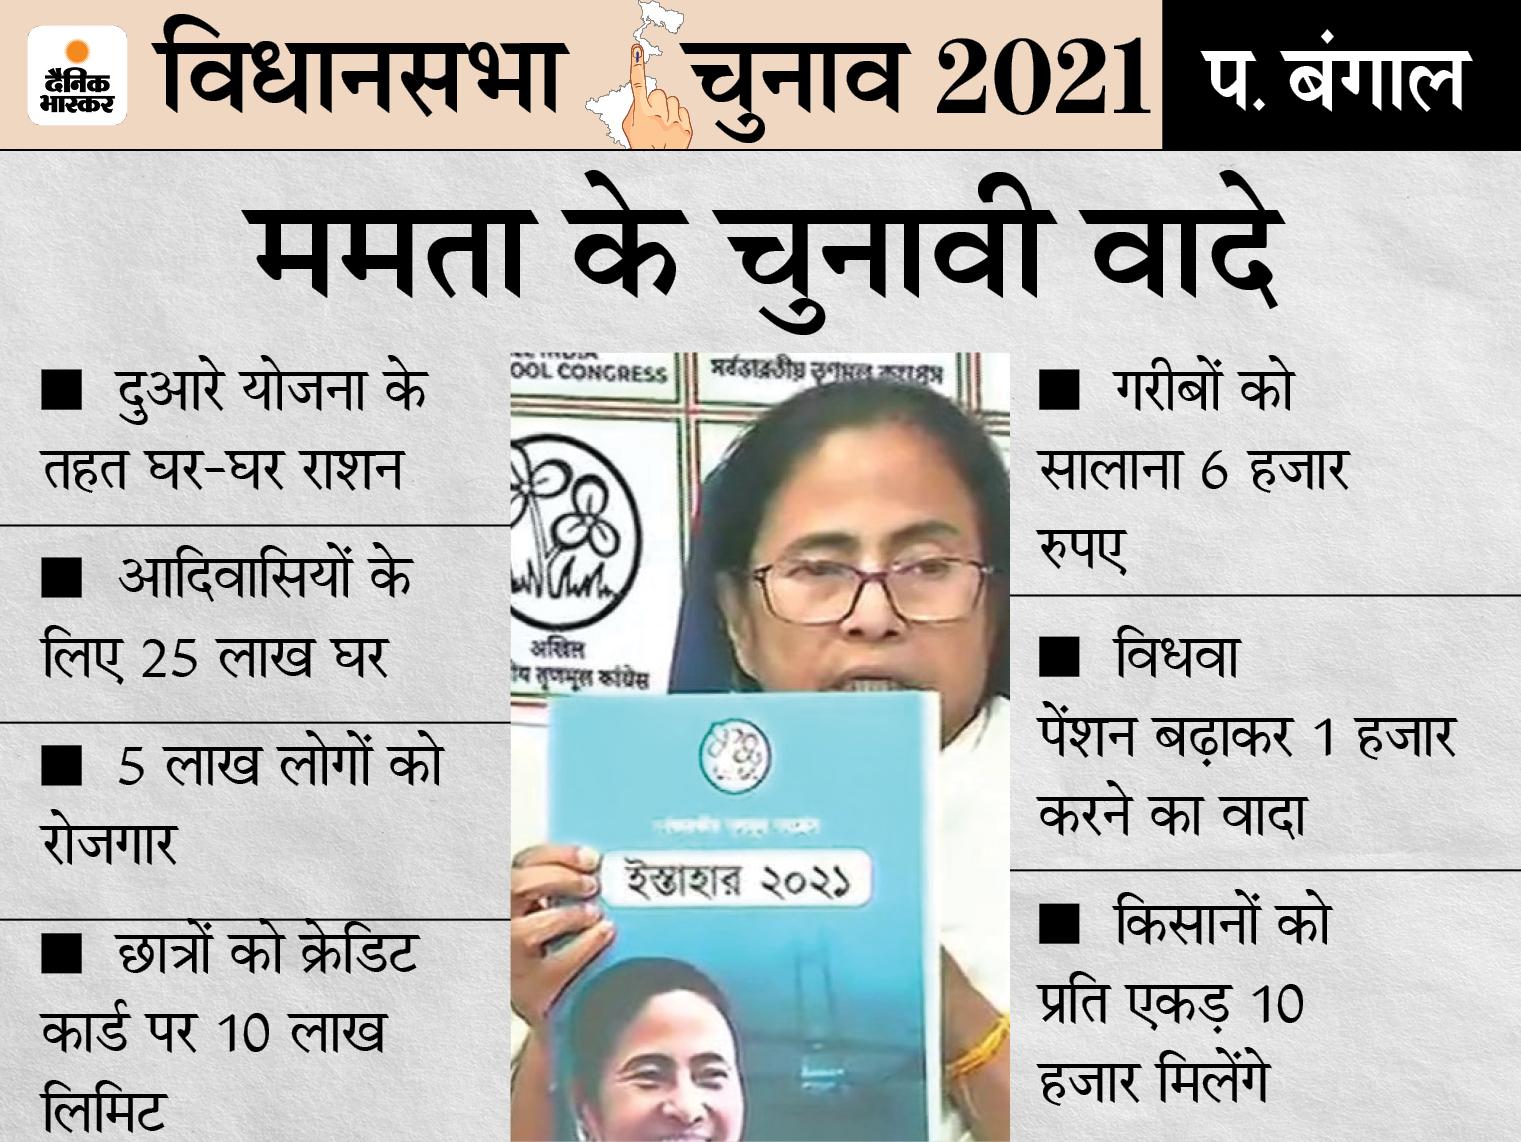 दिल्ली की तर्ज पर घर-घर राशन योजना का ऐलान, गरीबों को 6 हजार रुपए सालाना दिए जाएंगे|देश,National - Dainik Bhaskar